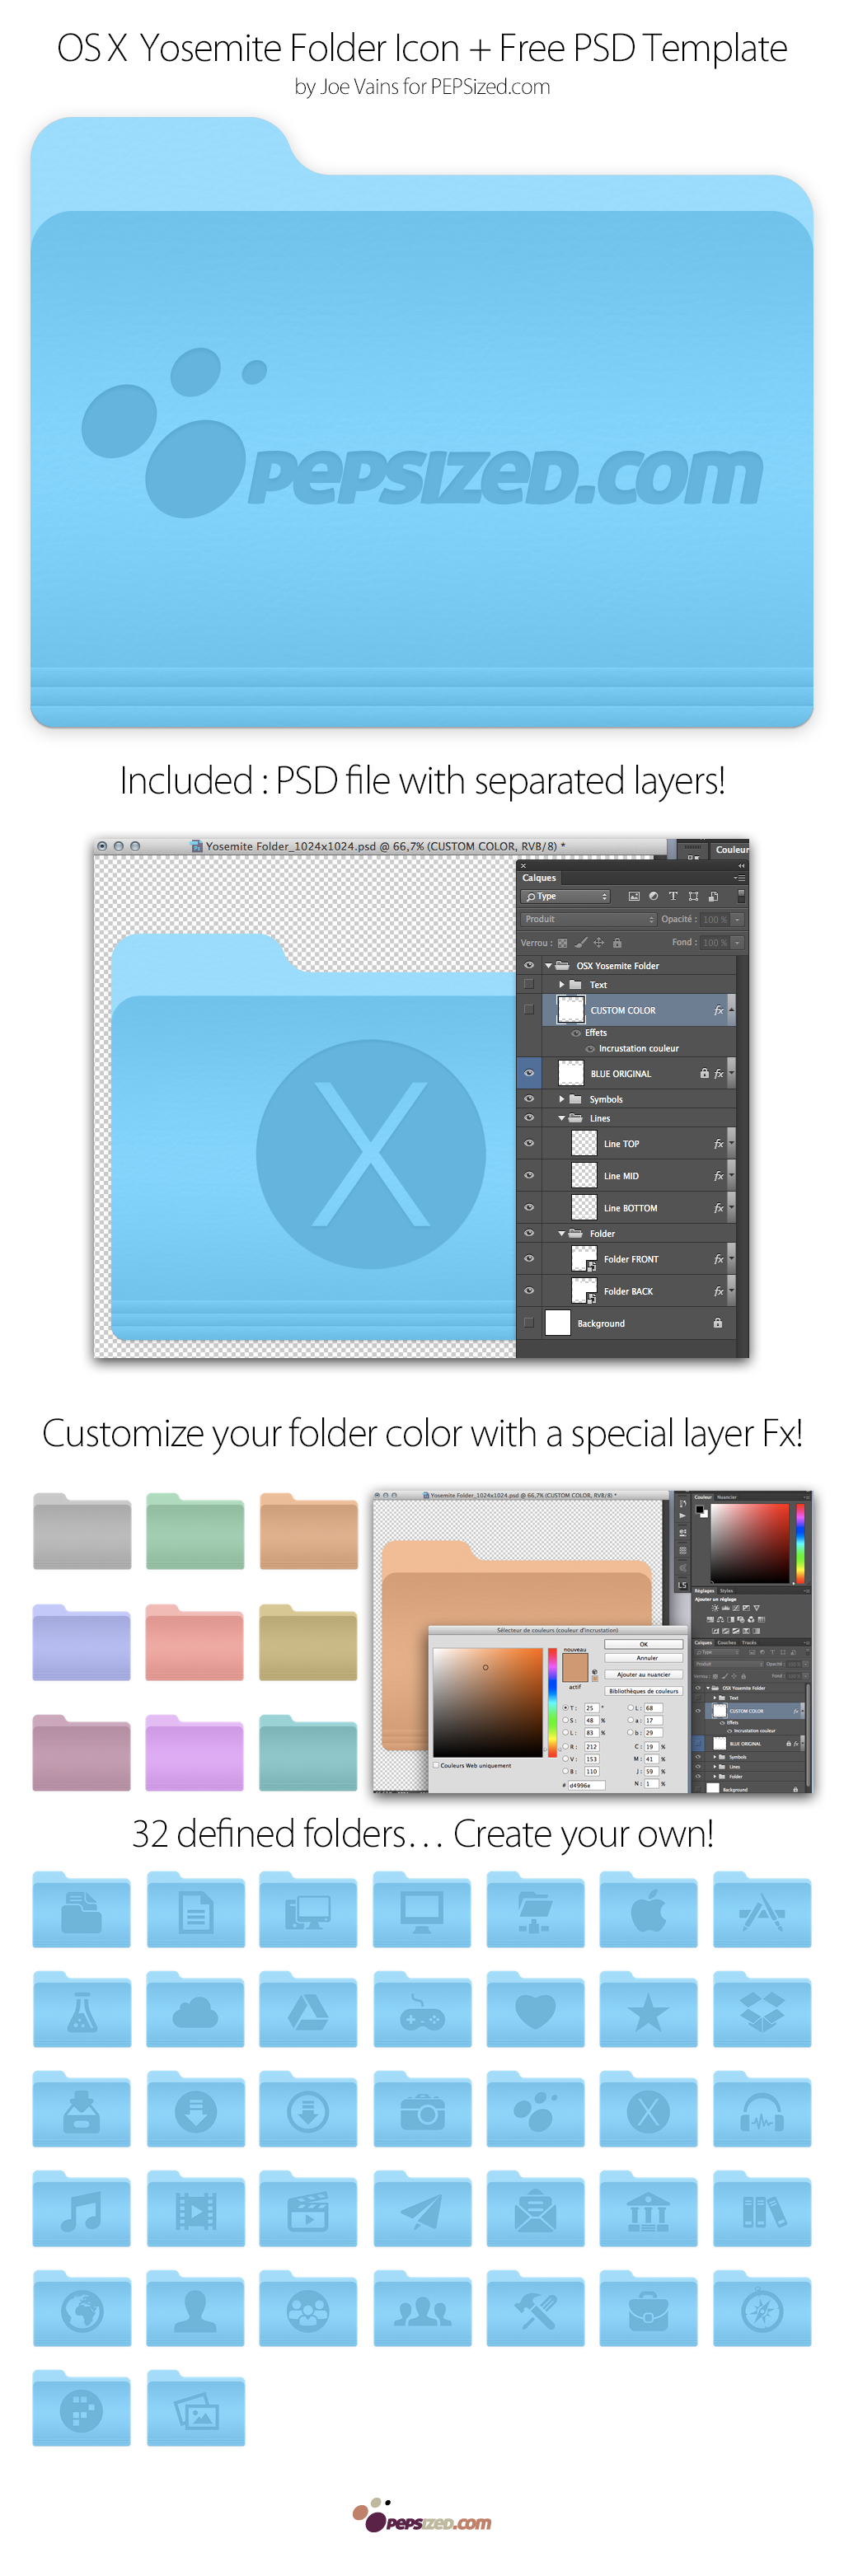 46 Osx Yosemite Folders Icons Free Psd Template Psd Template Free Folder Icon Psd Templates